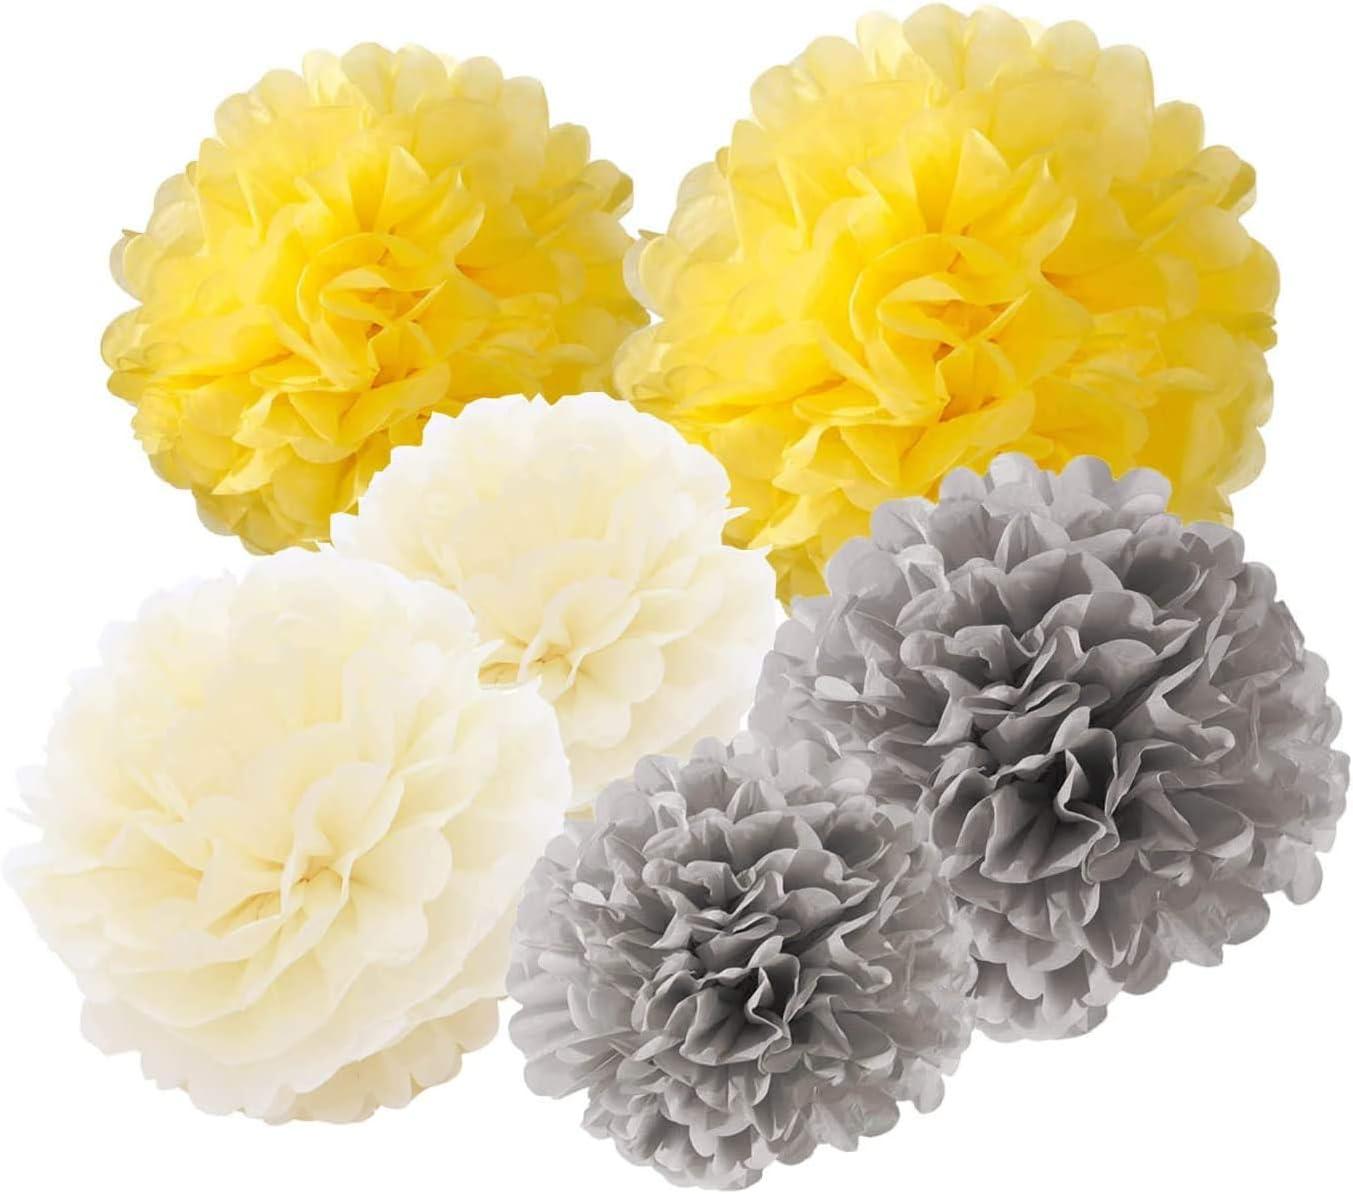 25 cm giallo 12 pompon di carta velina grigio crema CUTADORNS 35 cm decorazione per esterni